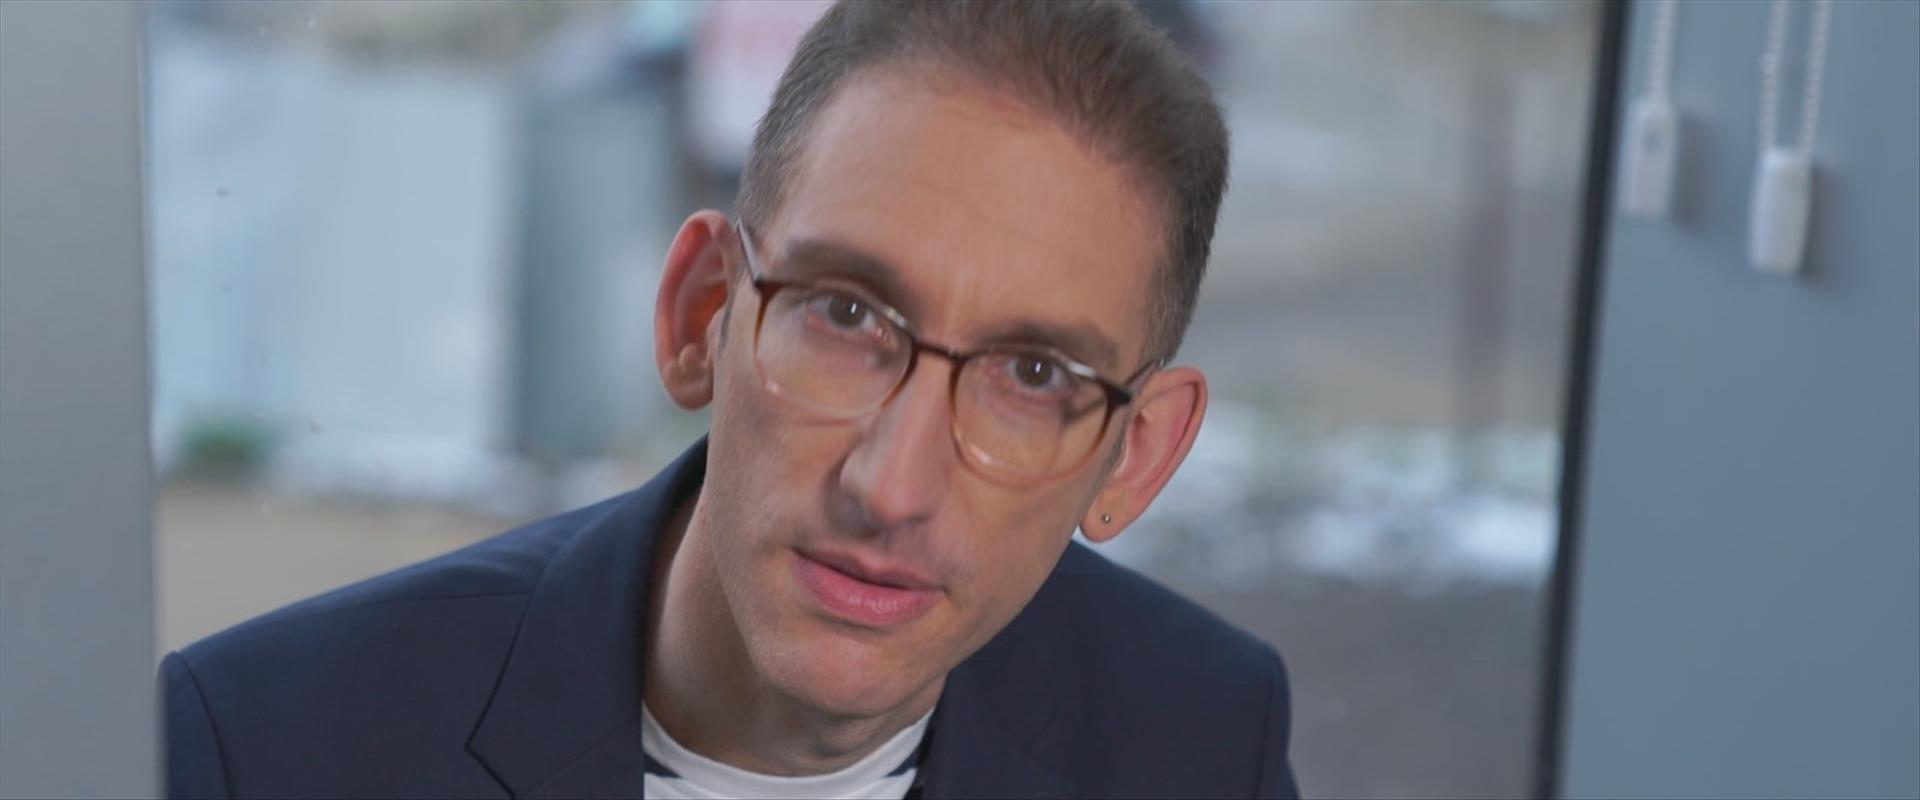 שאול אמסטרדמסקי